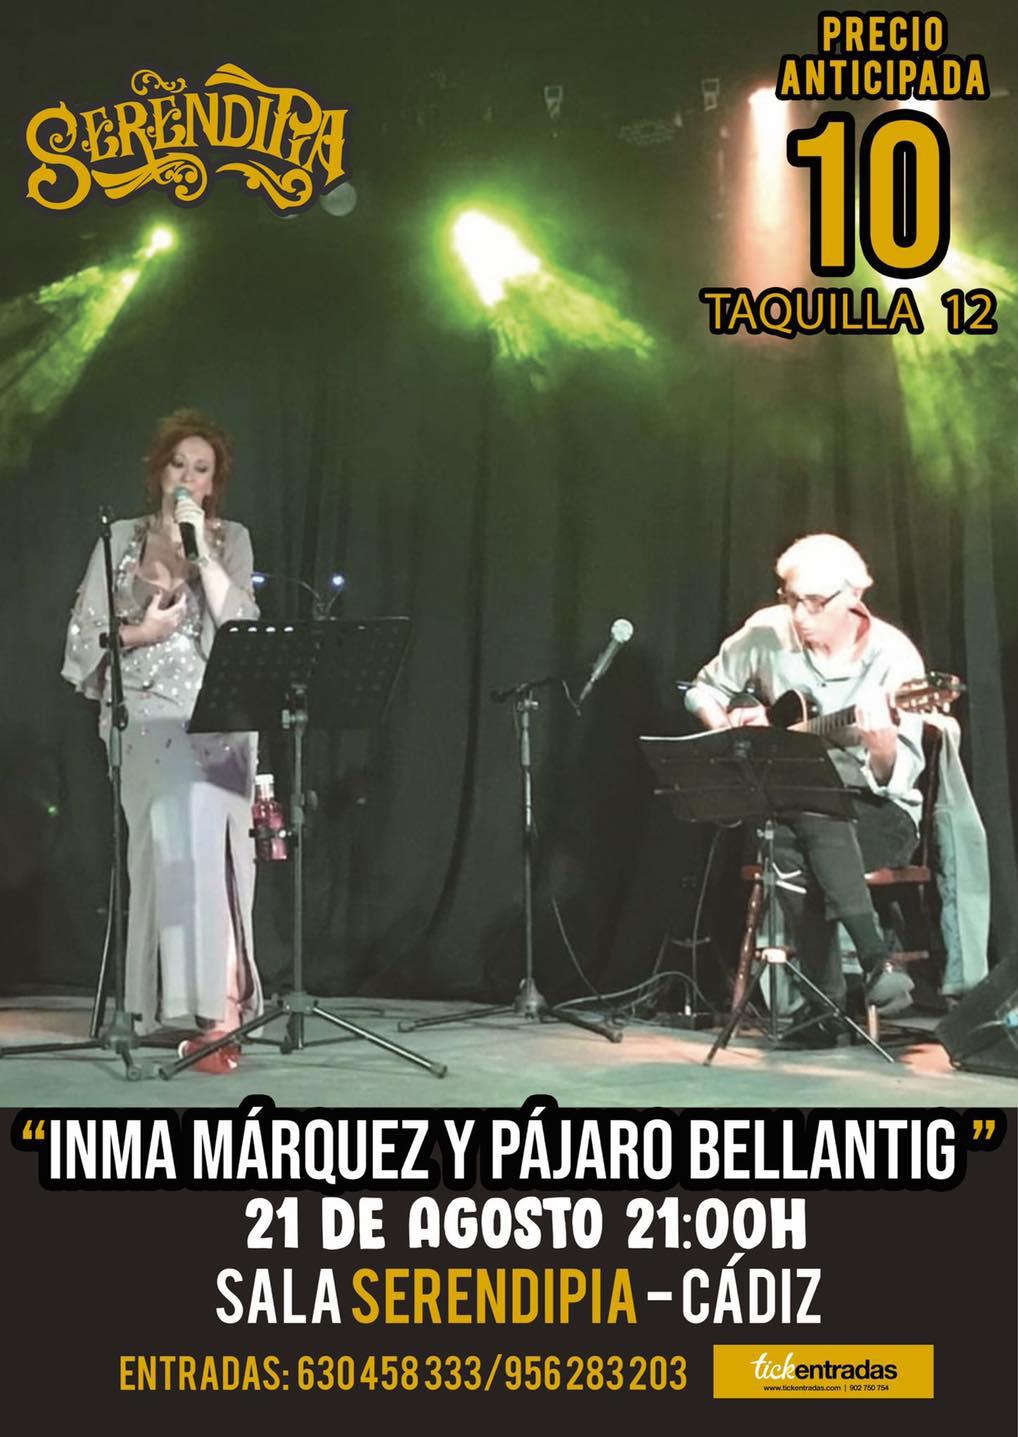 Actuación de Inma Márquez y Pájaro Bellantig